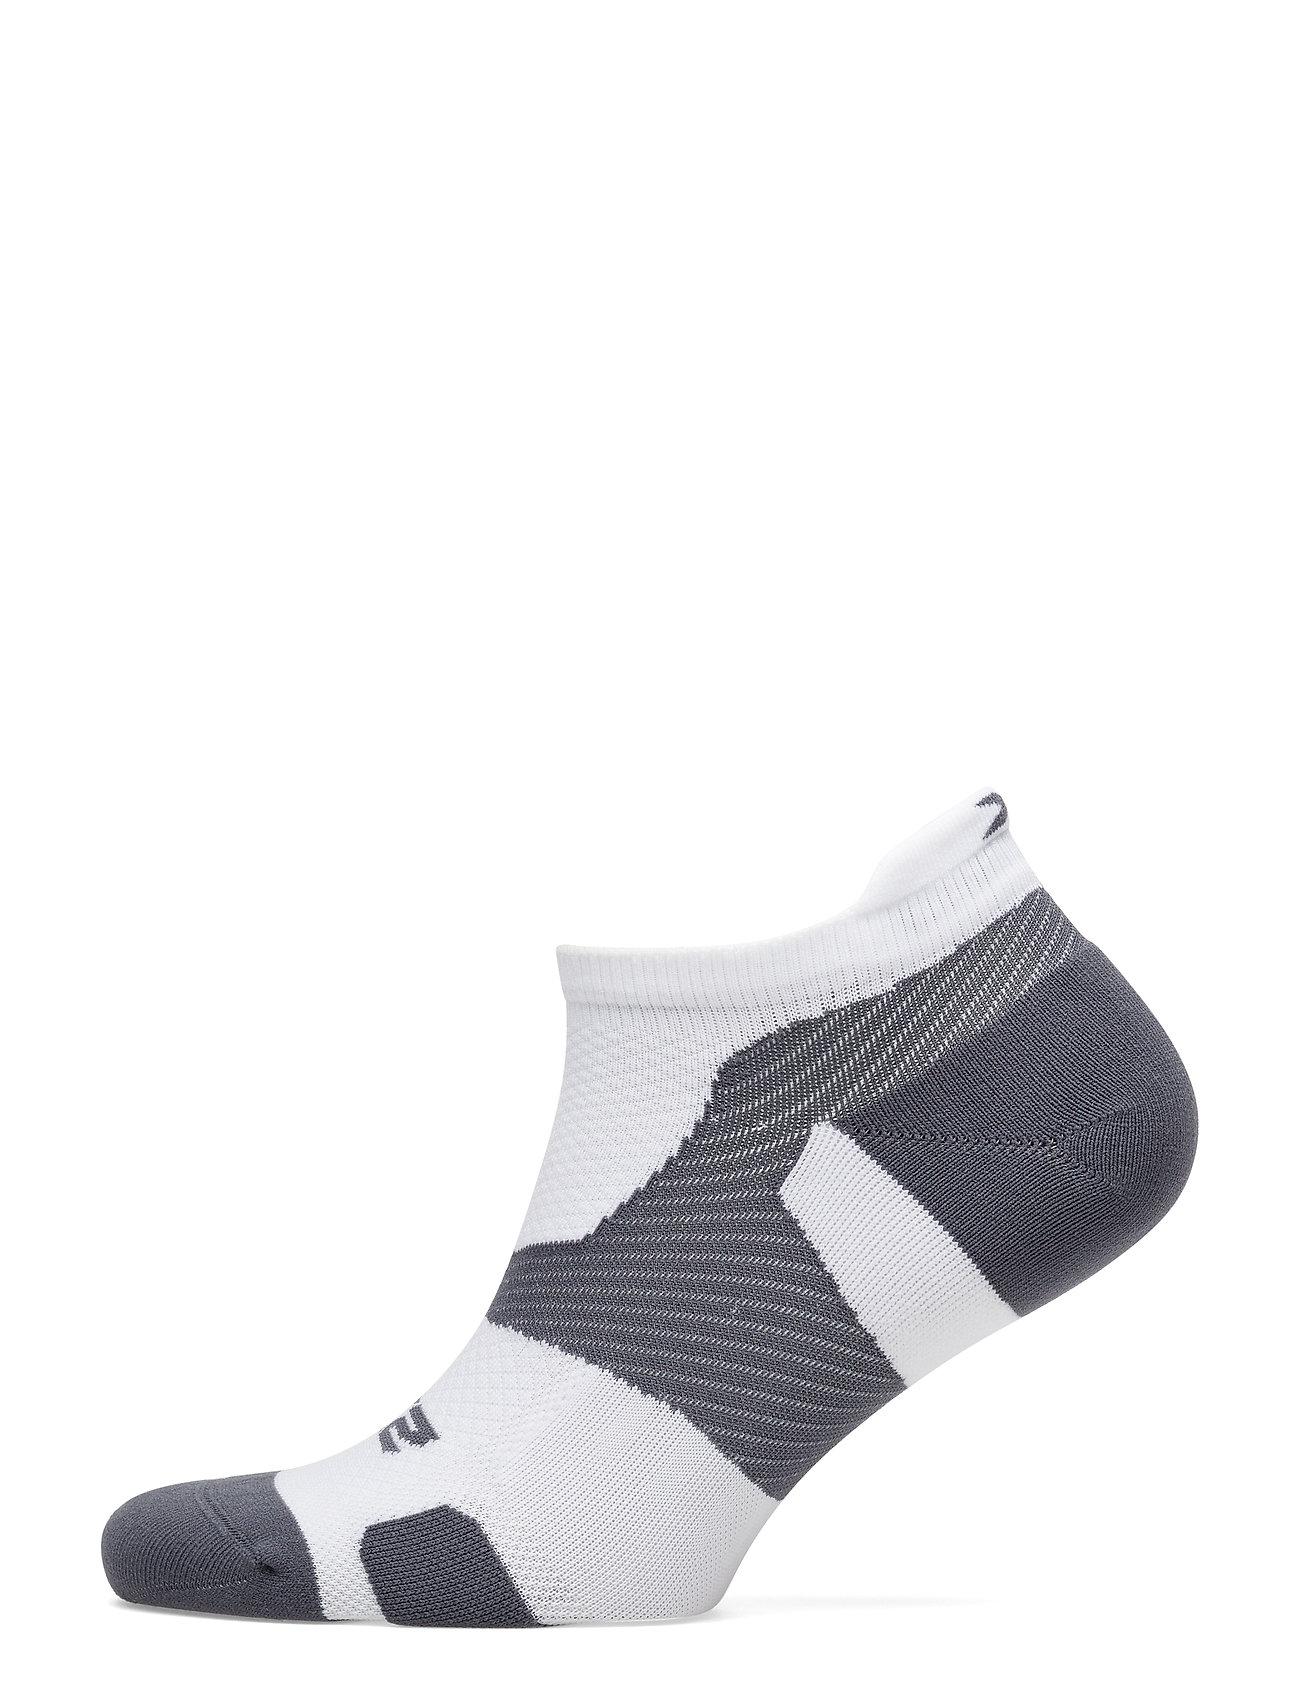 Vectr No Socks grey2xu Show Cushion uwhite Light 0wP8NkXZnO